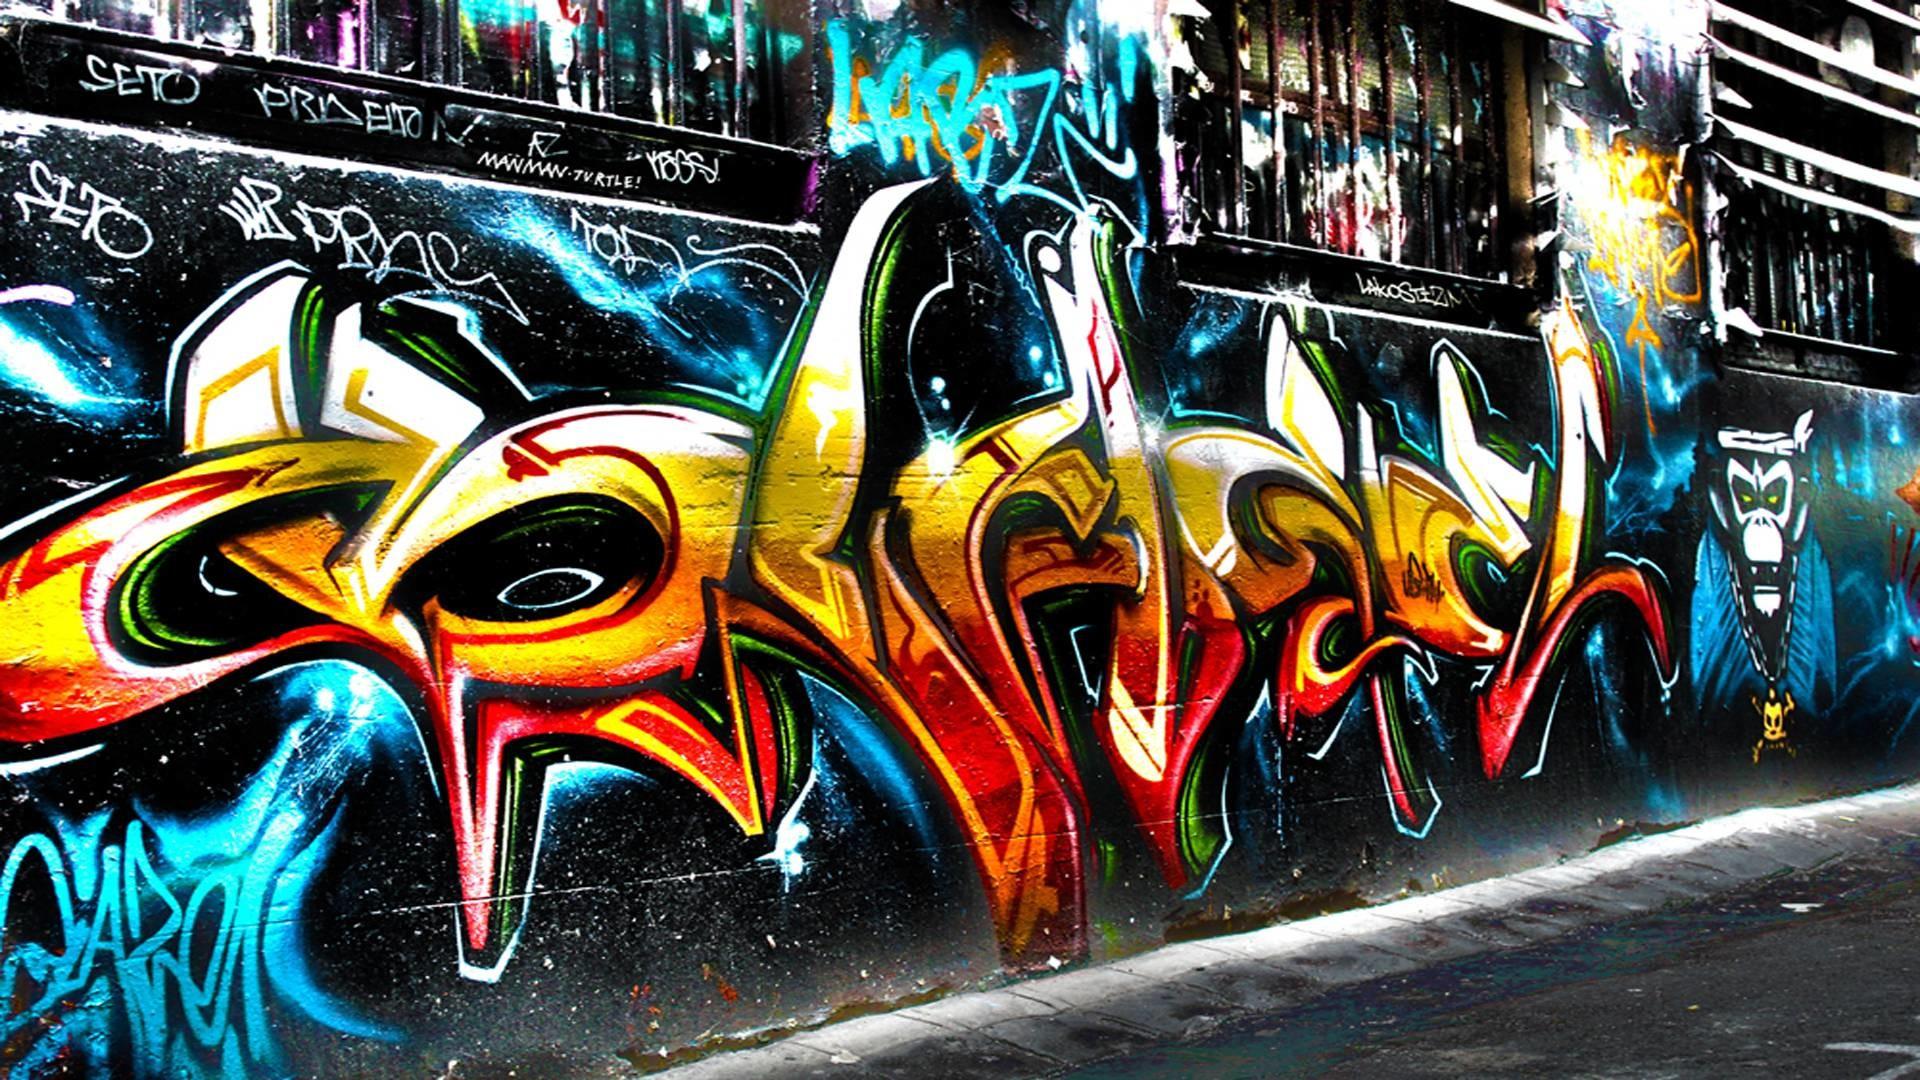 1920x1200 graffiti wallpapers hd free download page 1024ã 640 free graffiti wallpapers 40 wallpapers adorable wallpapers desktop pinterest